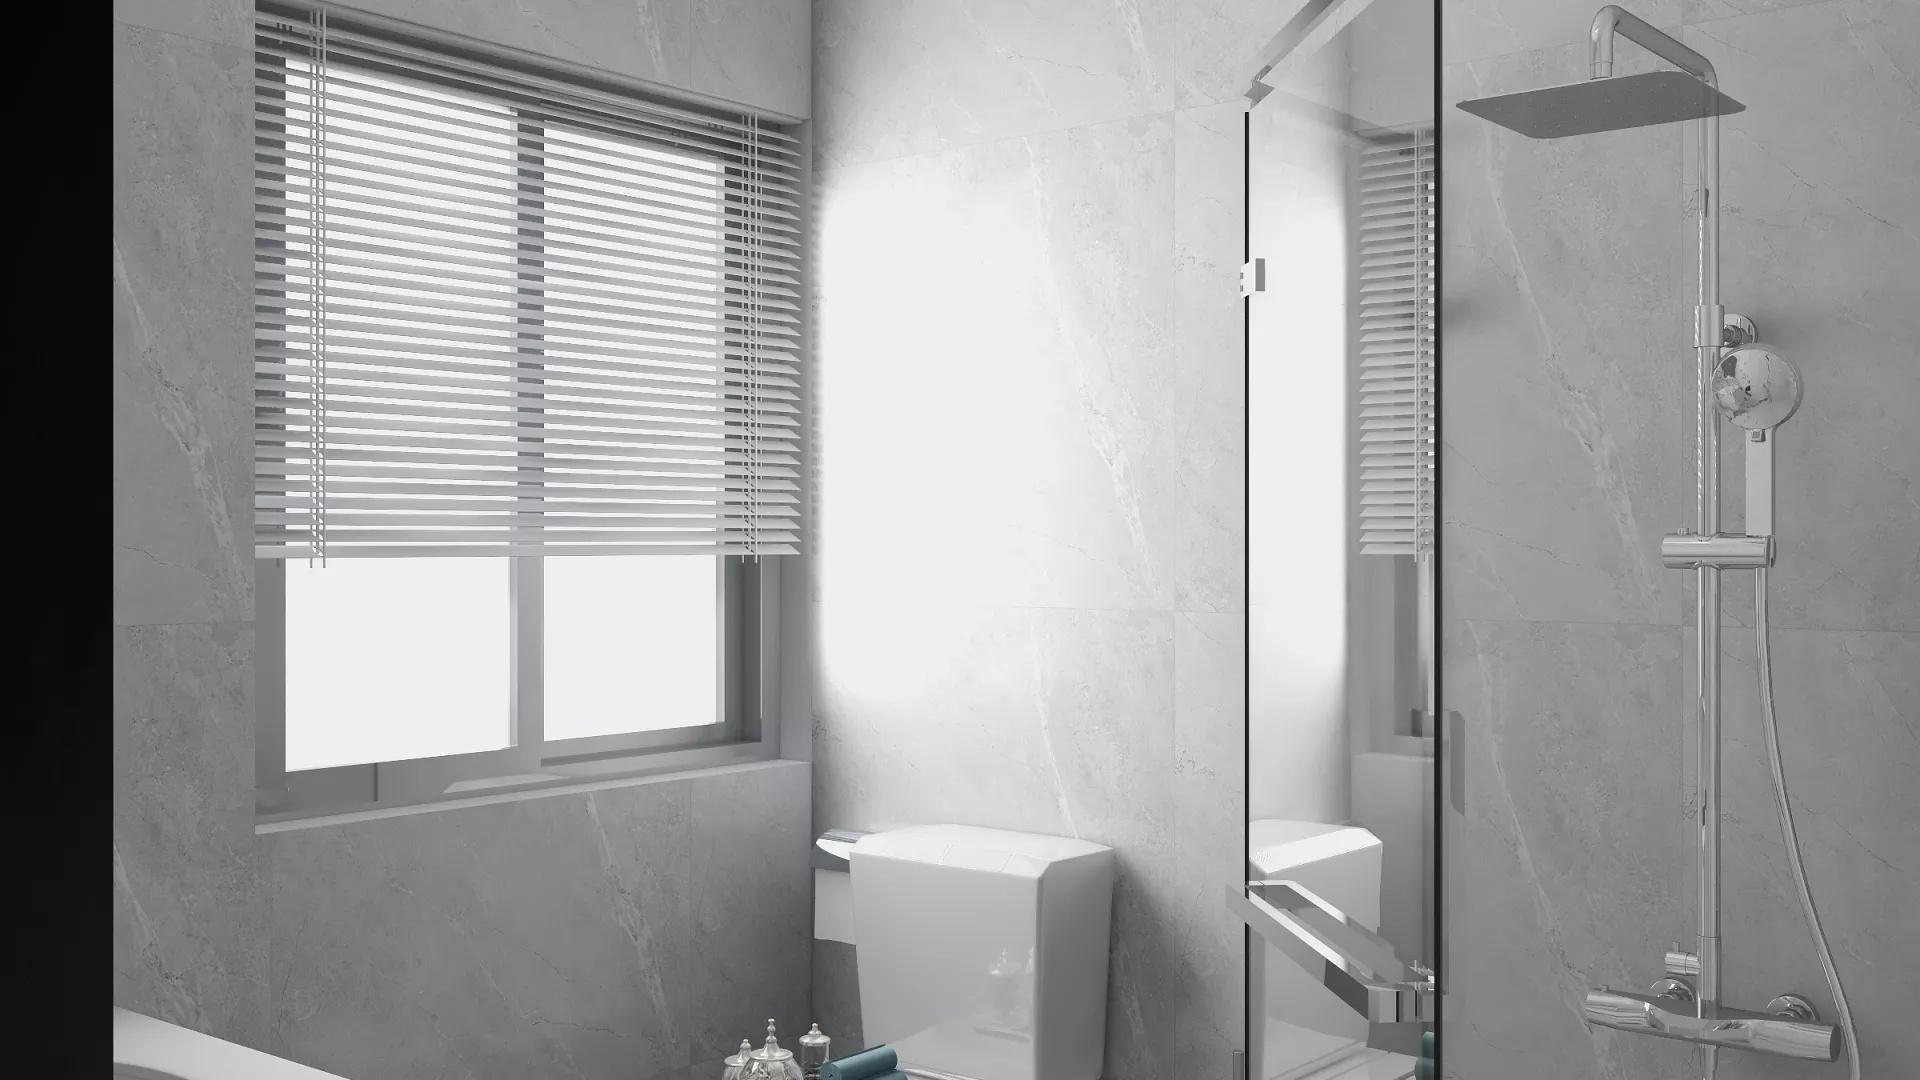 厕所墙面装修材料有哪些 厕所墙面装修材料价格参考